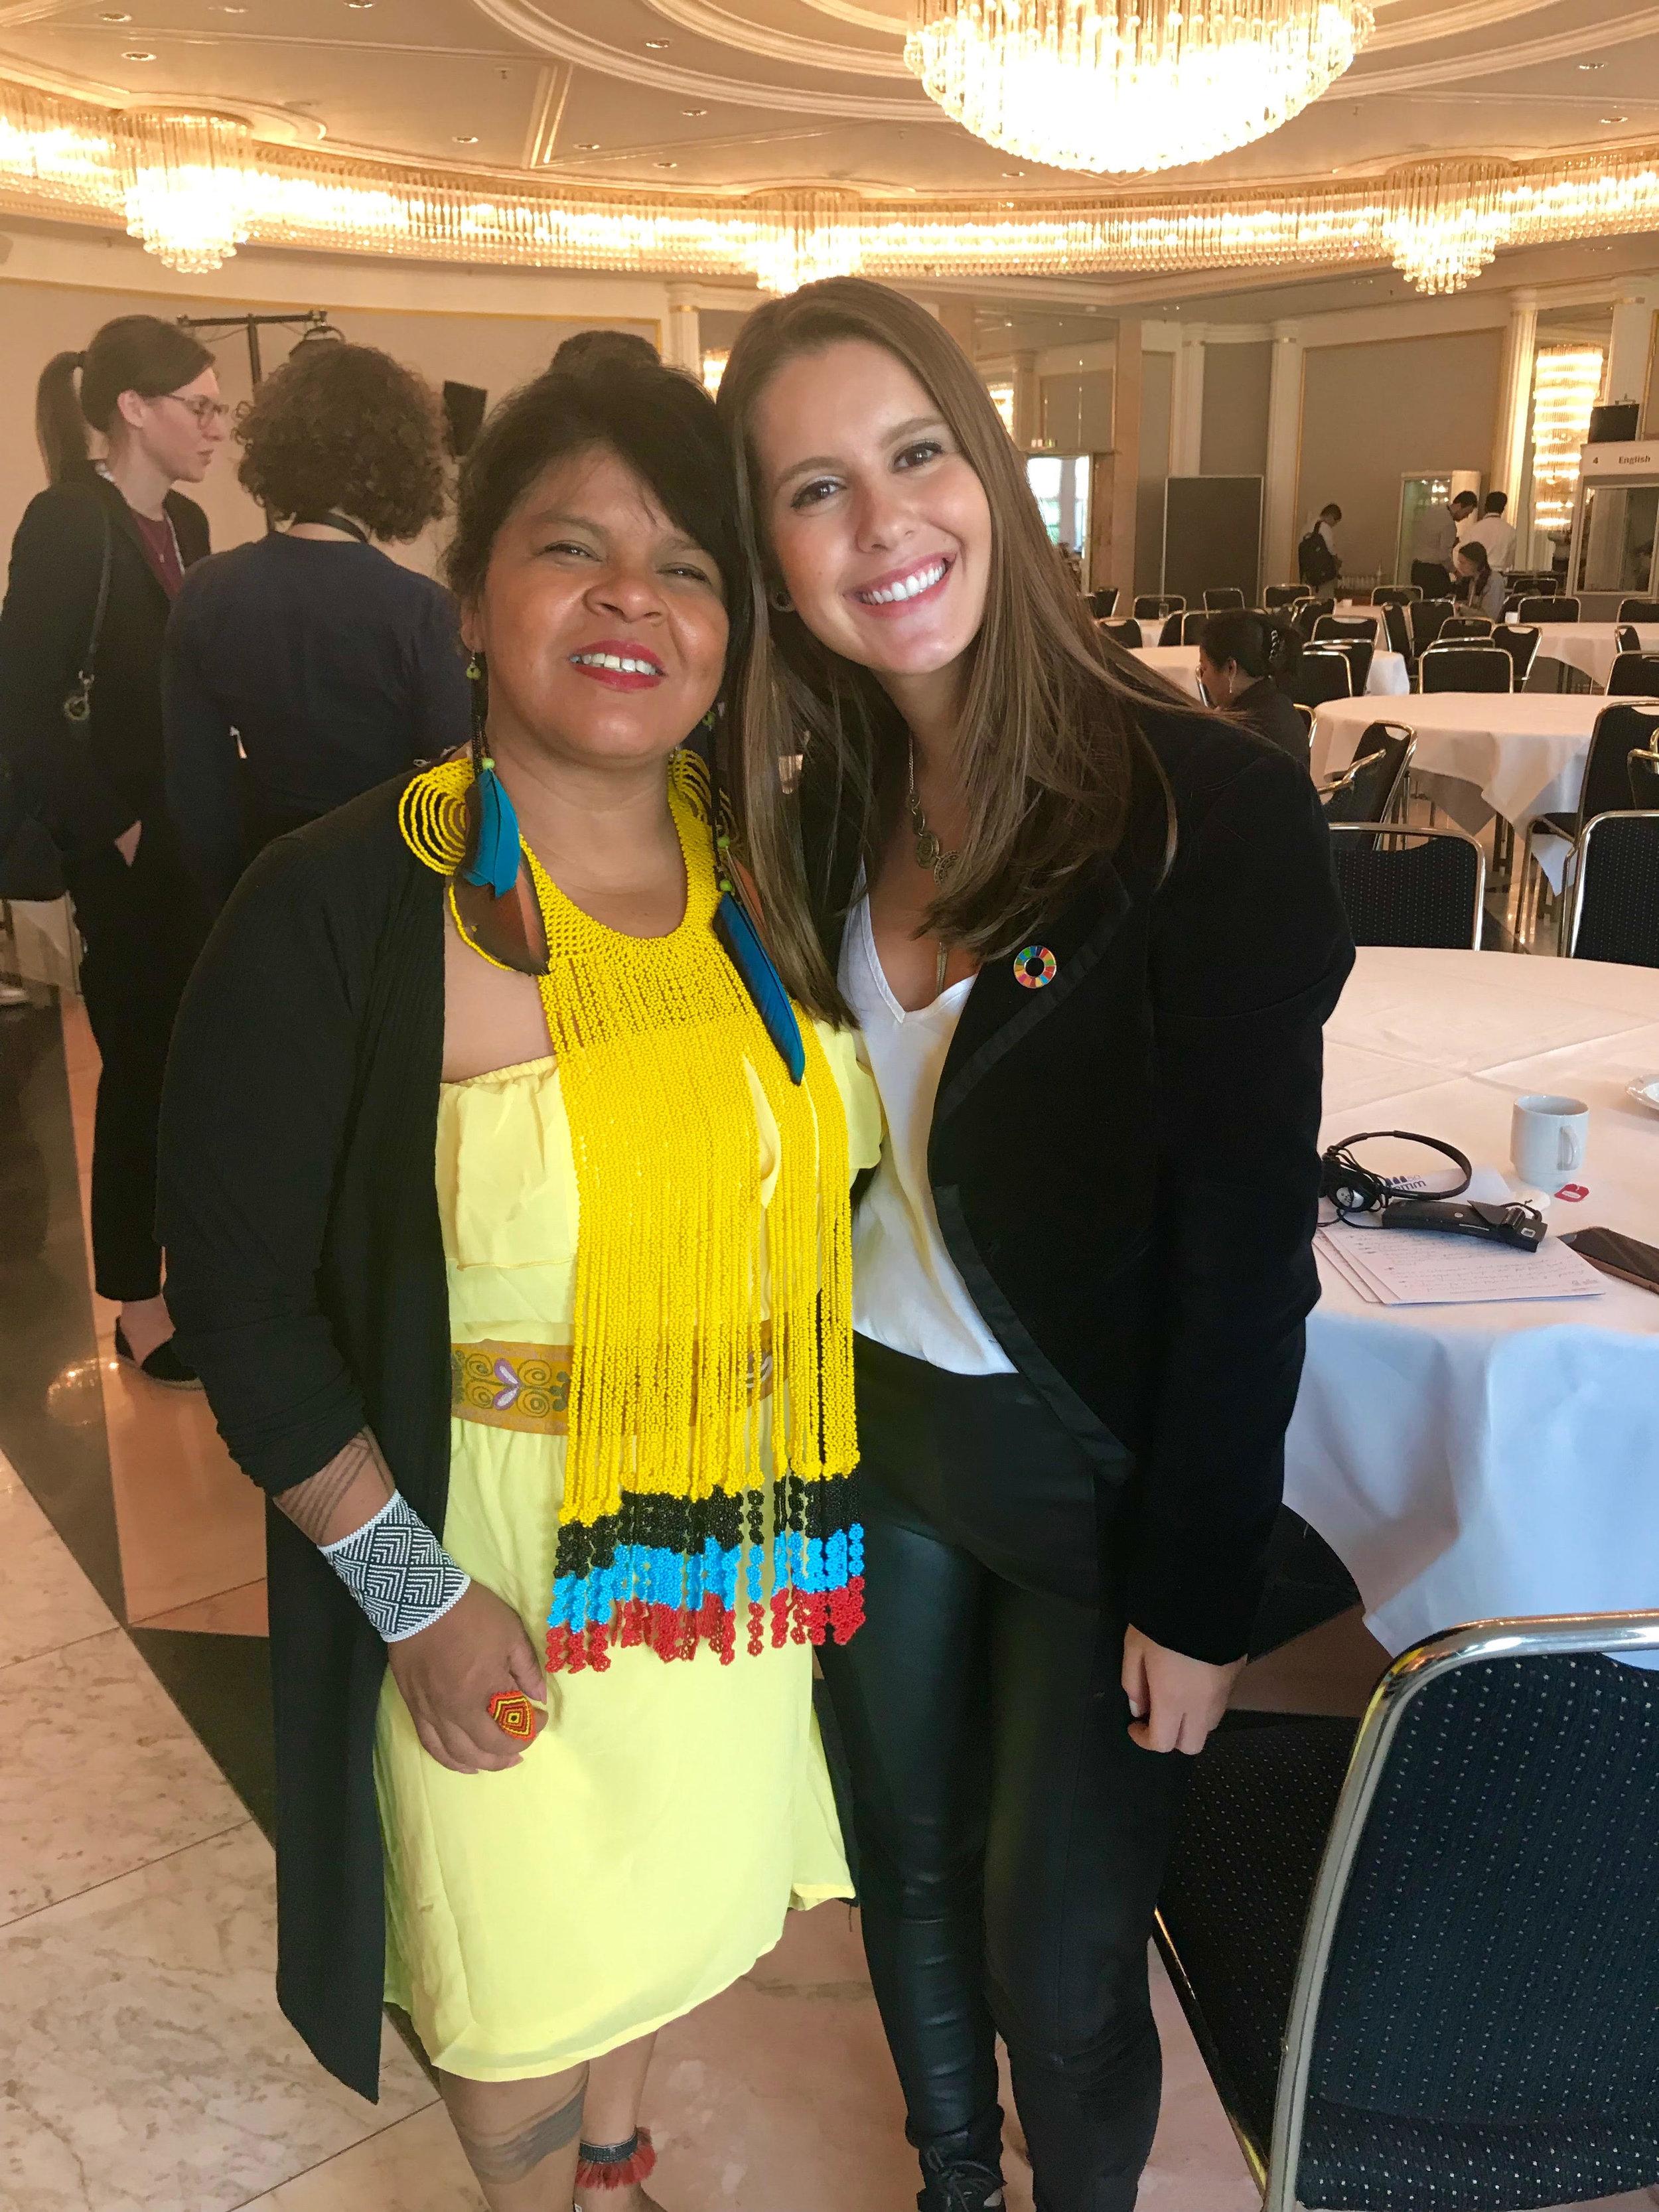 Renata Koch Alvarenga, Directora de EmpoderaClima, habló con Sônia Guajajara en el GLF Bonn 2019 sobre los derechos indígenas y el feminismo, ¡y le habló de nuestra nueva plataforma!